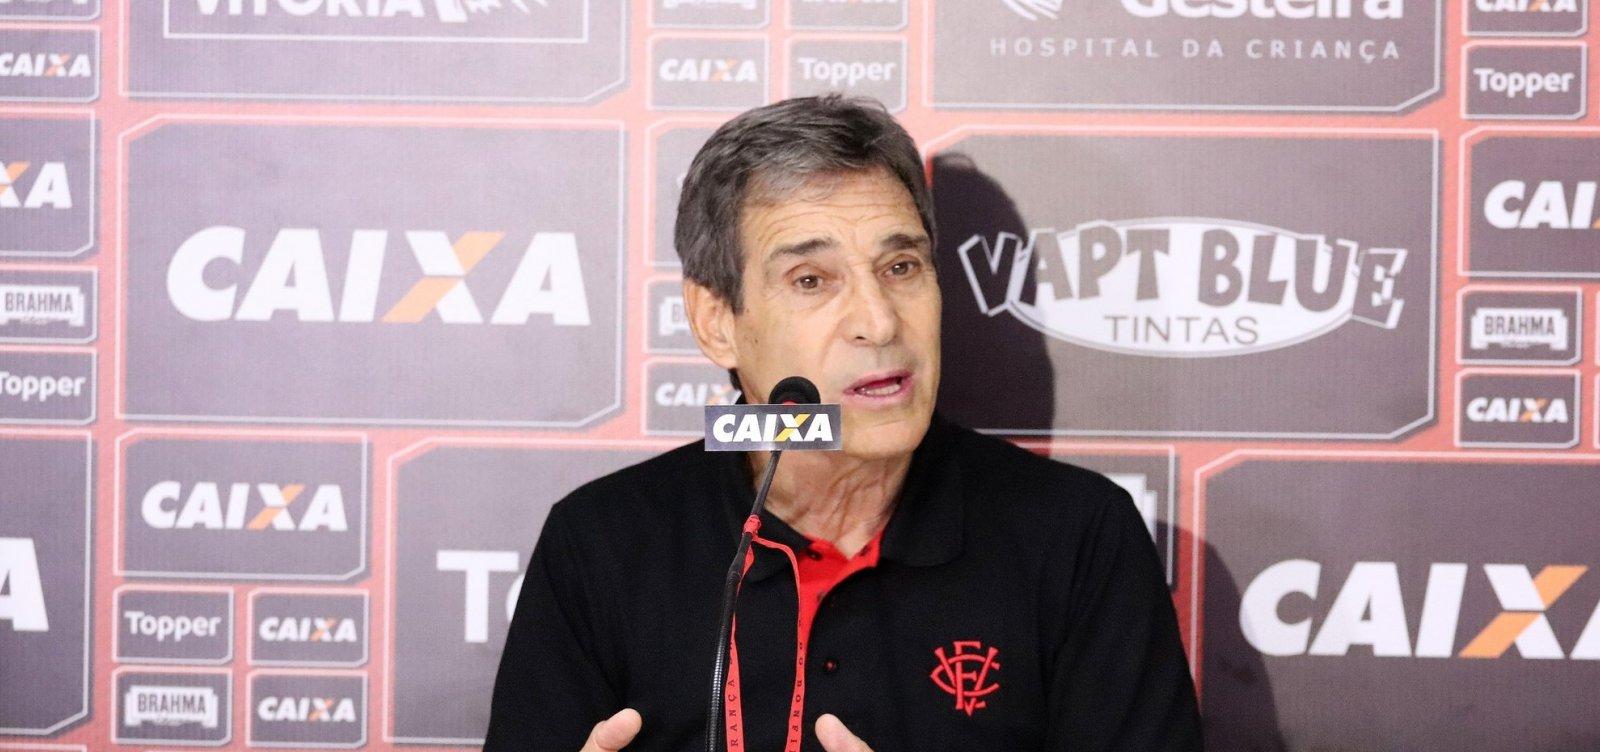 Carpegiani explica derrota e promete 'repensar' time do Vitória